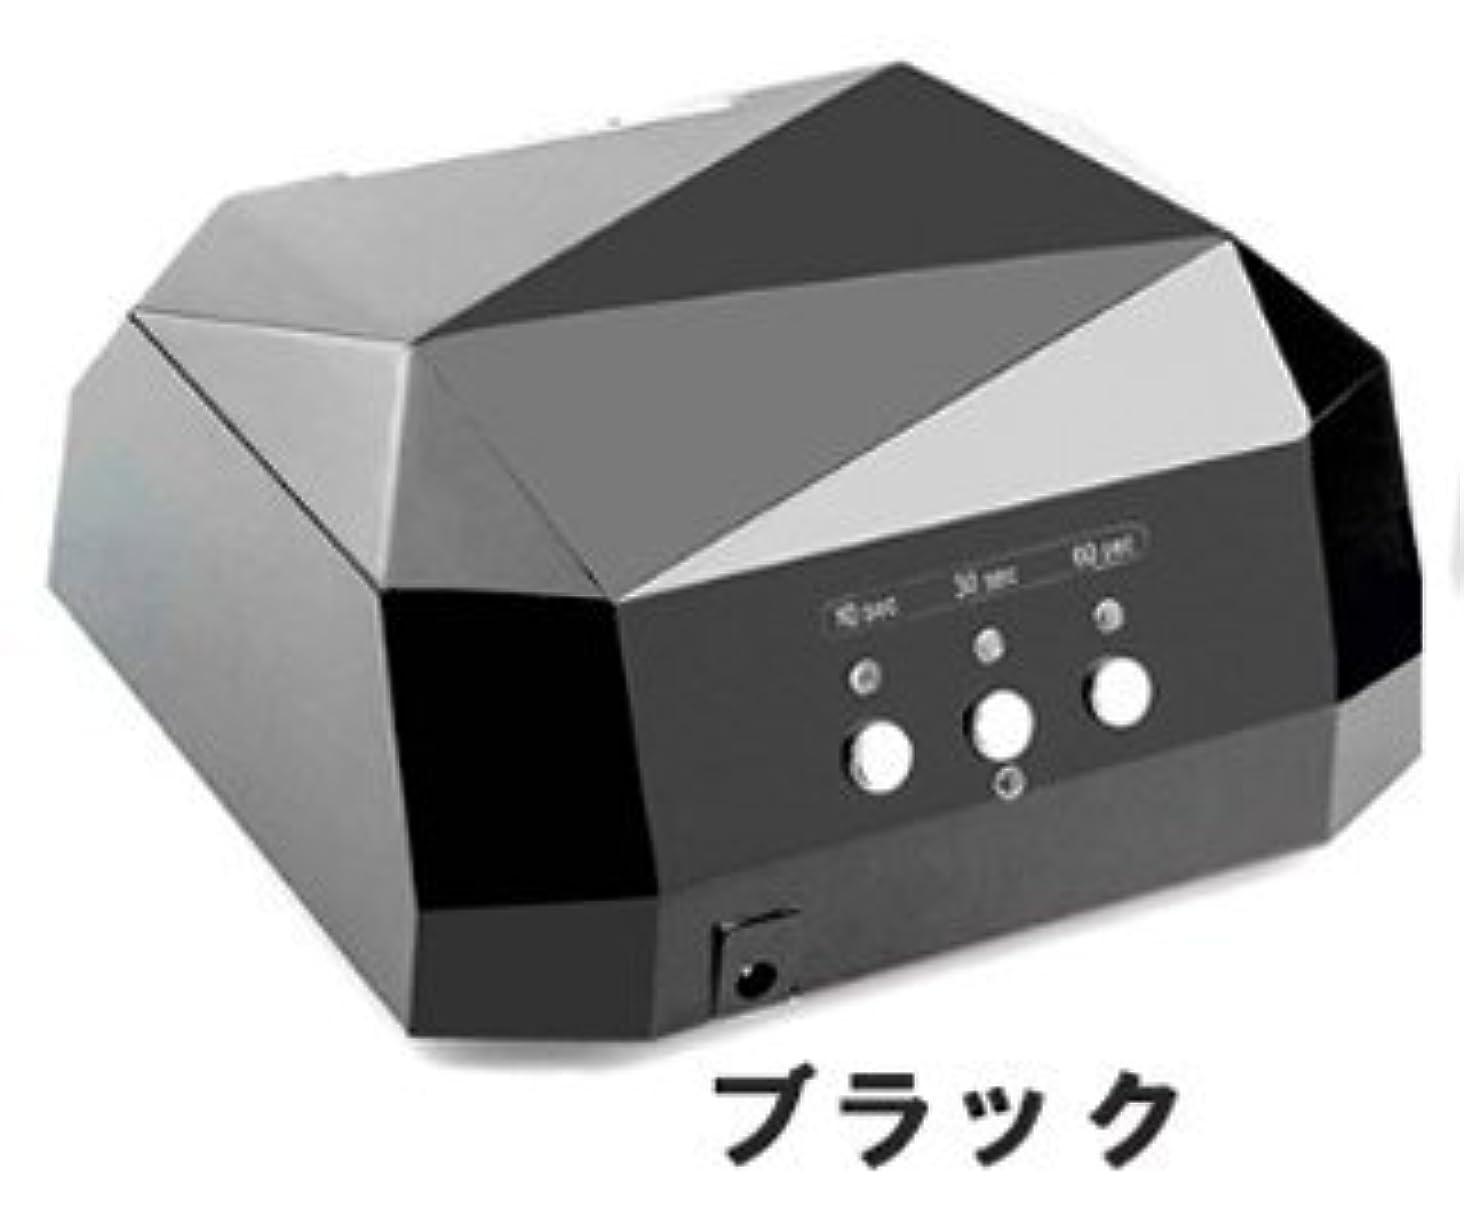 メルボルン冷酷な有益なLED&CCFLダブル搭載 36Wハイパワーライト/ダイヤモンド型/タイマー付き!/自動感知センサー付き!【全4色】 (ブラック)